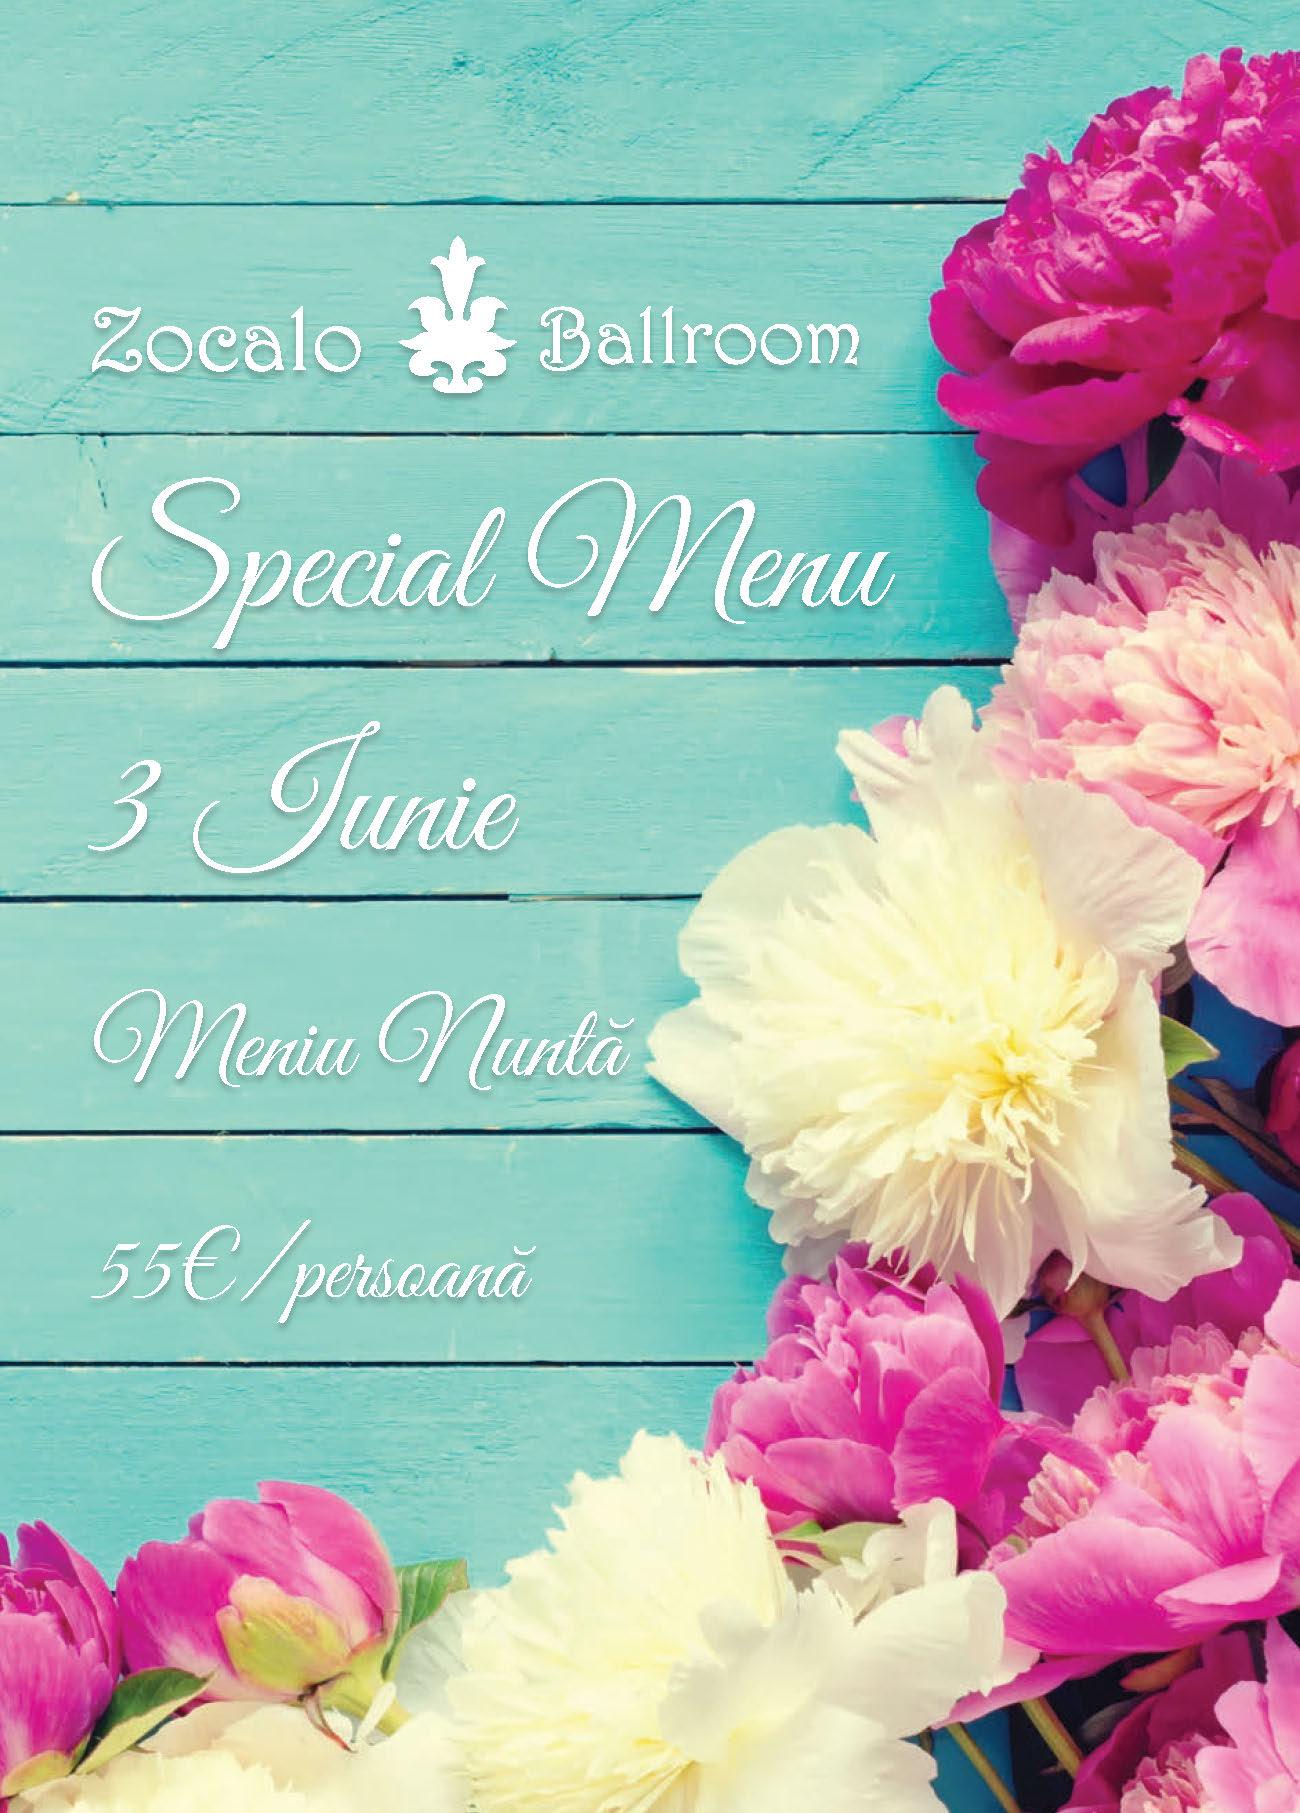 Oferta 3 iunie nunta_Page_1